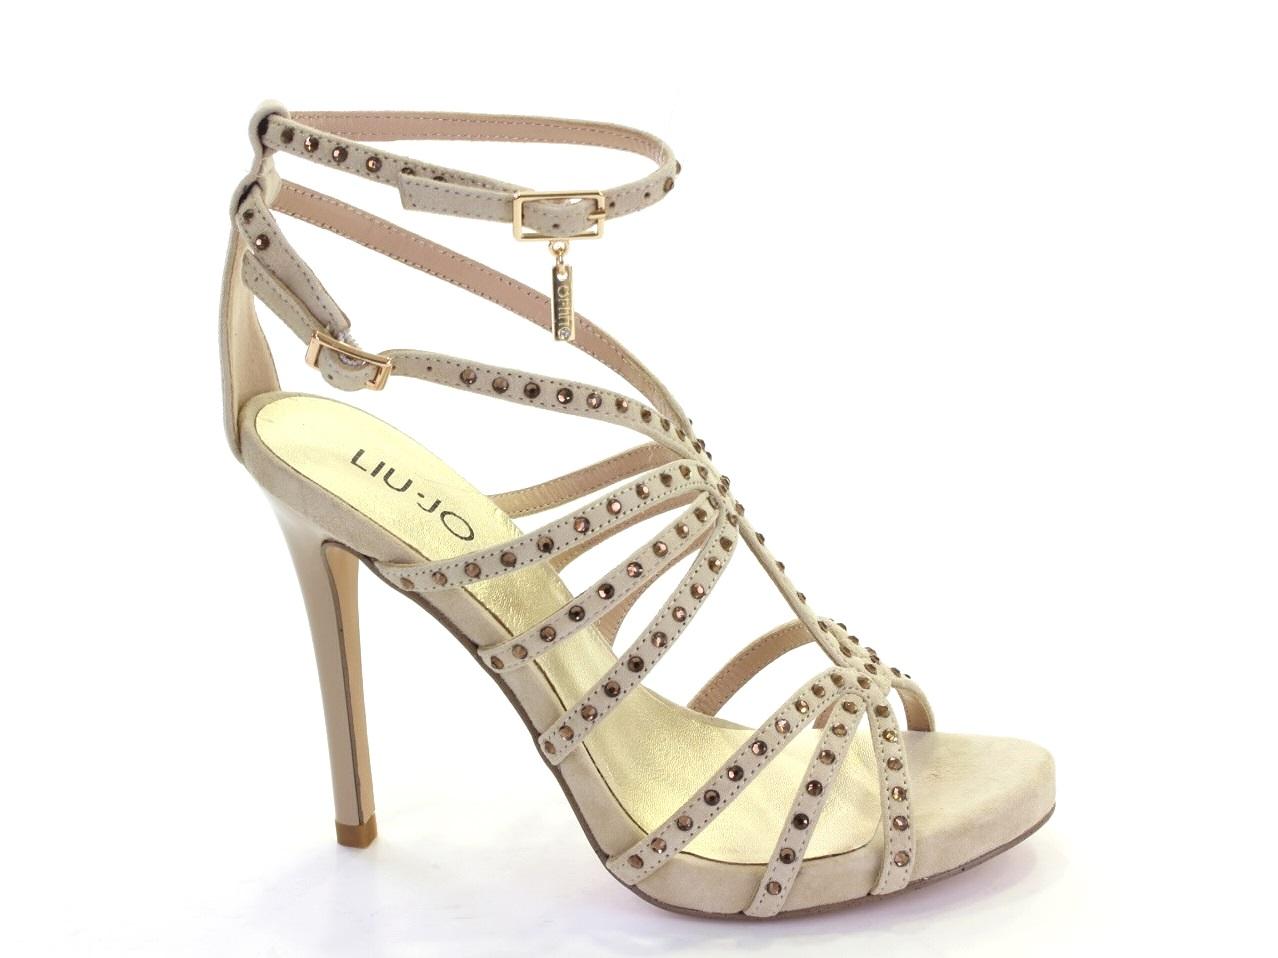 Sandalias de Tacón Liu Jo - 672 S18039 P0021